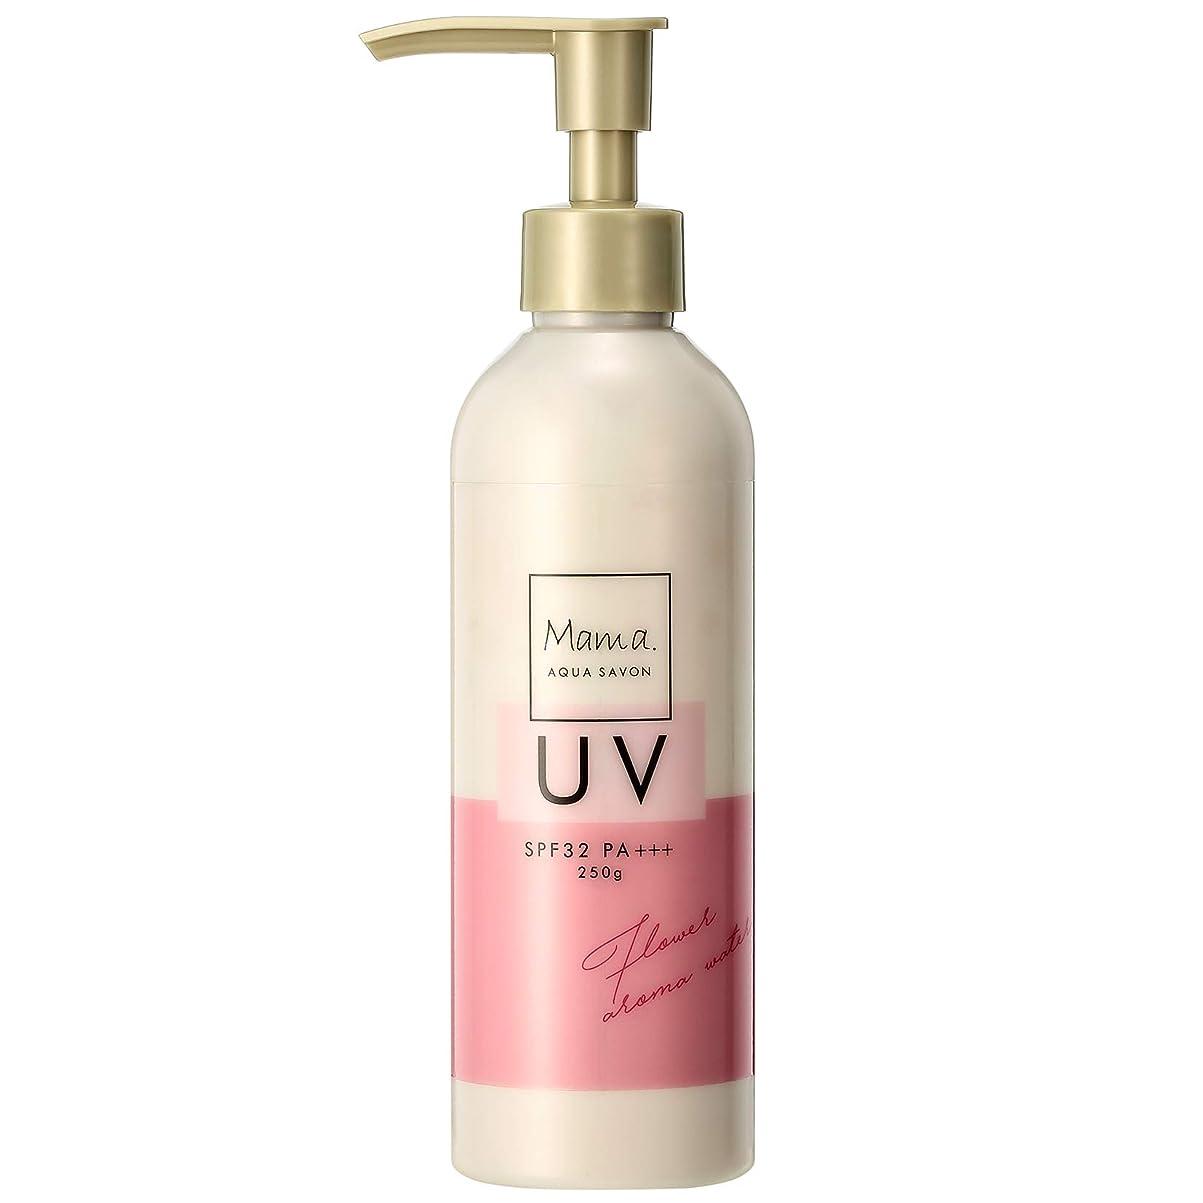 刃申し立てられた契約ママアクアシャボン UVモイストジェル フラワーアロマウォーターの香り 19S 250g